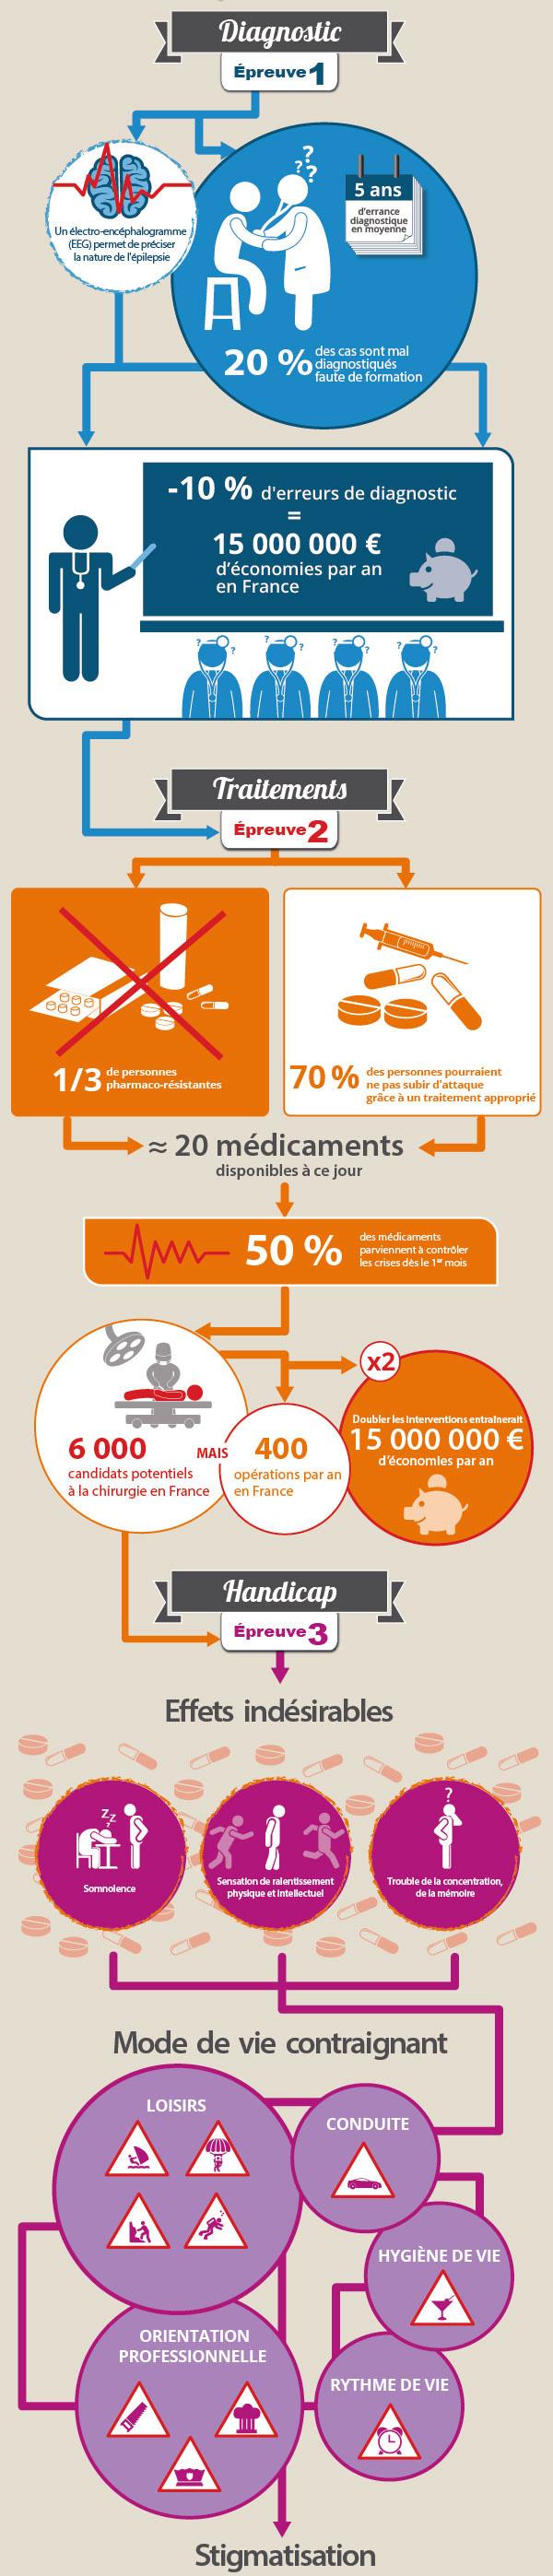 [Infographie] Que connaissez-vous de l'épilepsie?